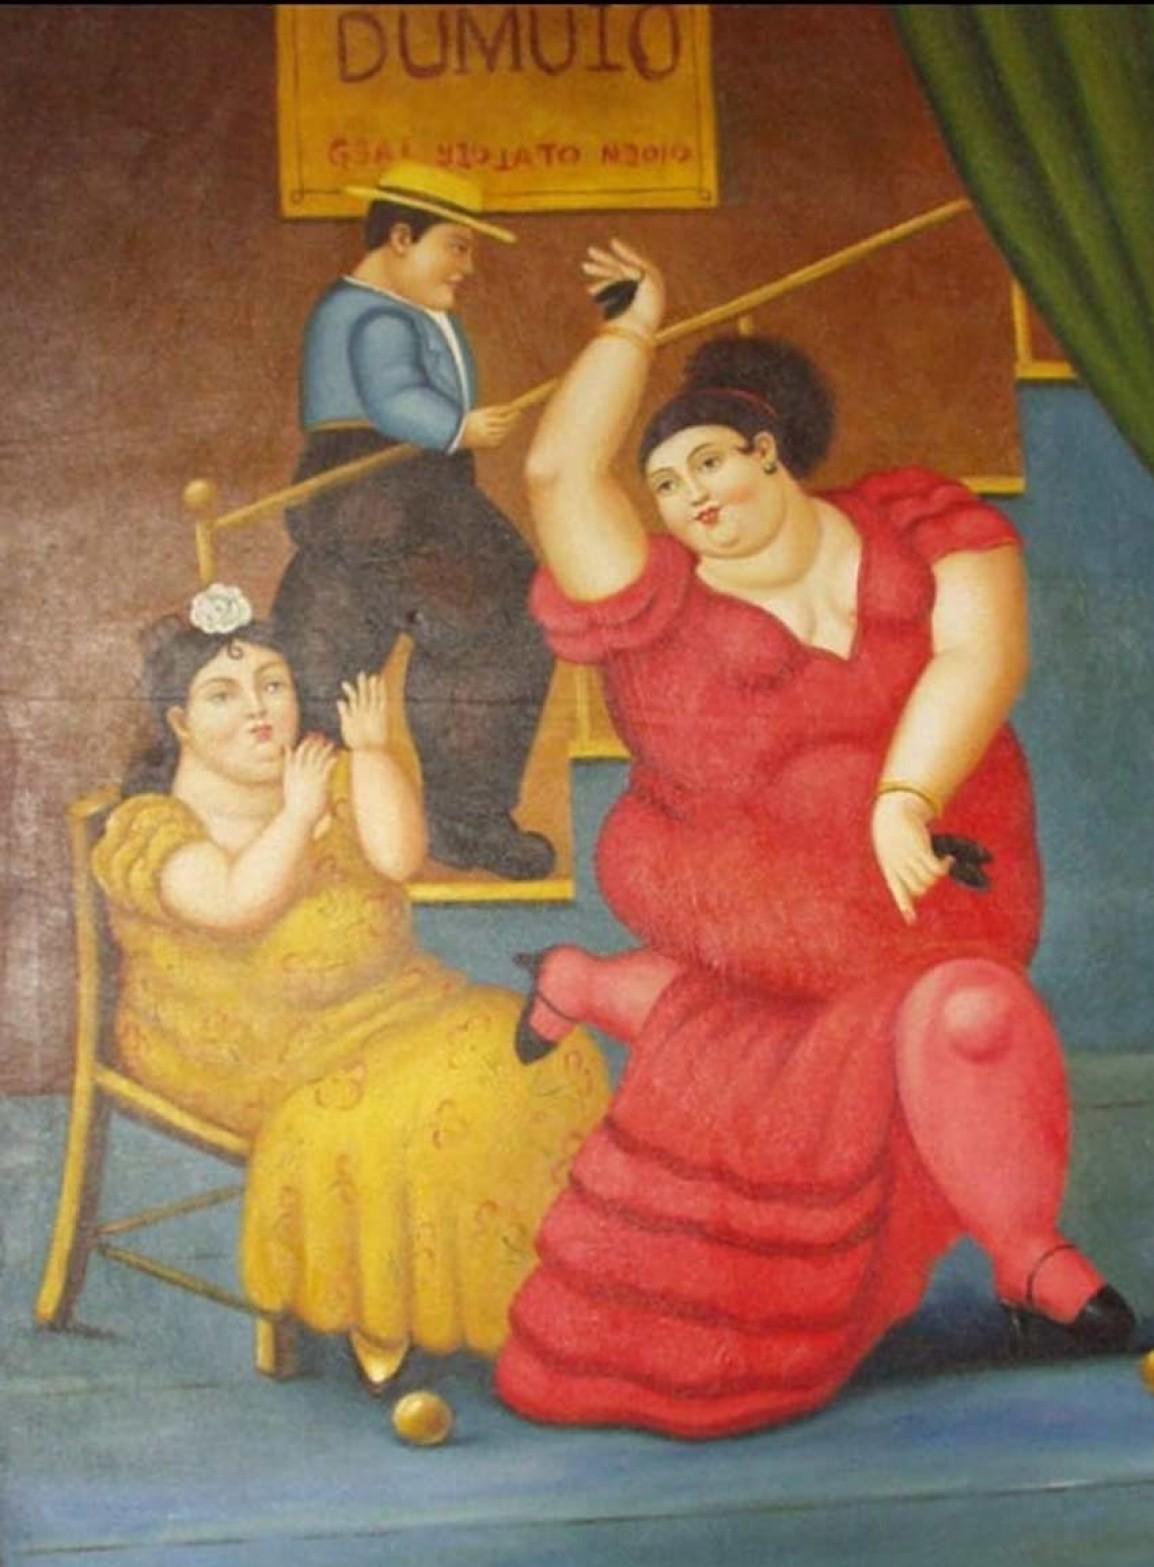 flamenco-dancer-aka-bailaora-de-flamenco_painter-fernando-botero.jpg